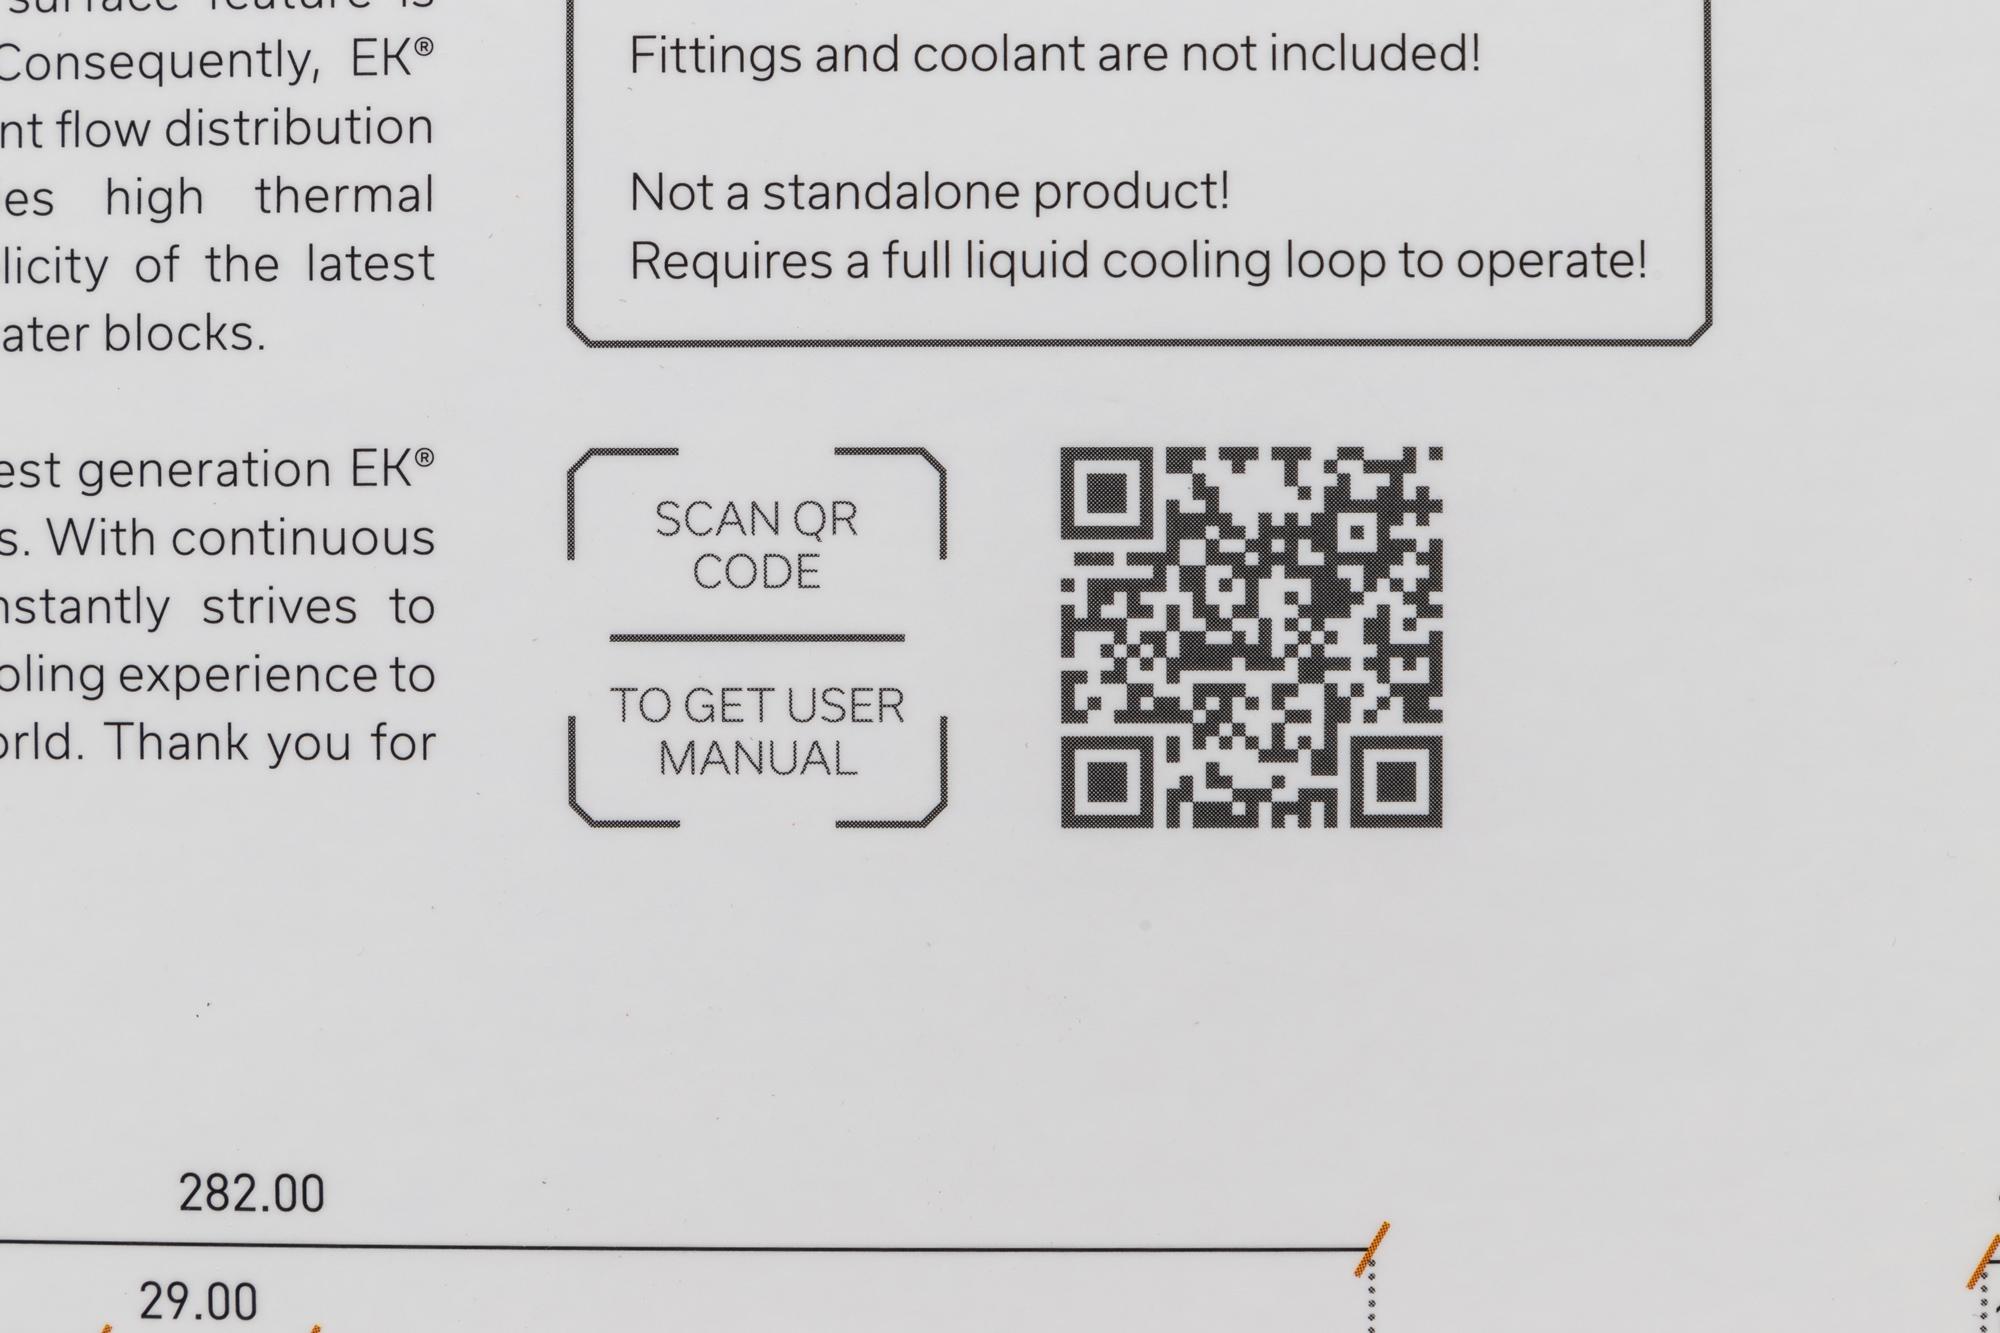 QR Code on EK product packaging